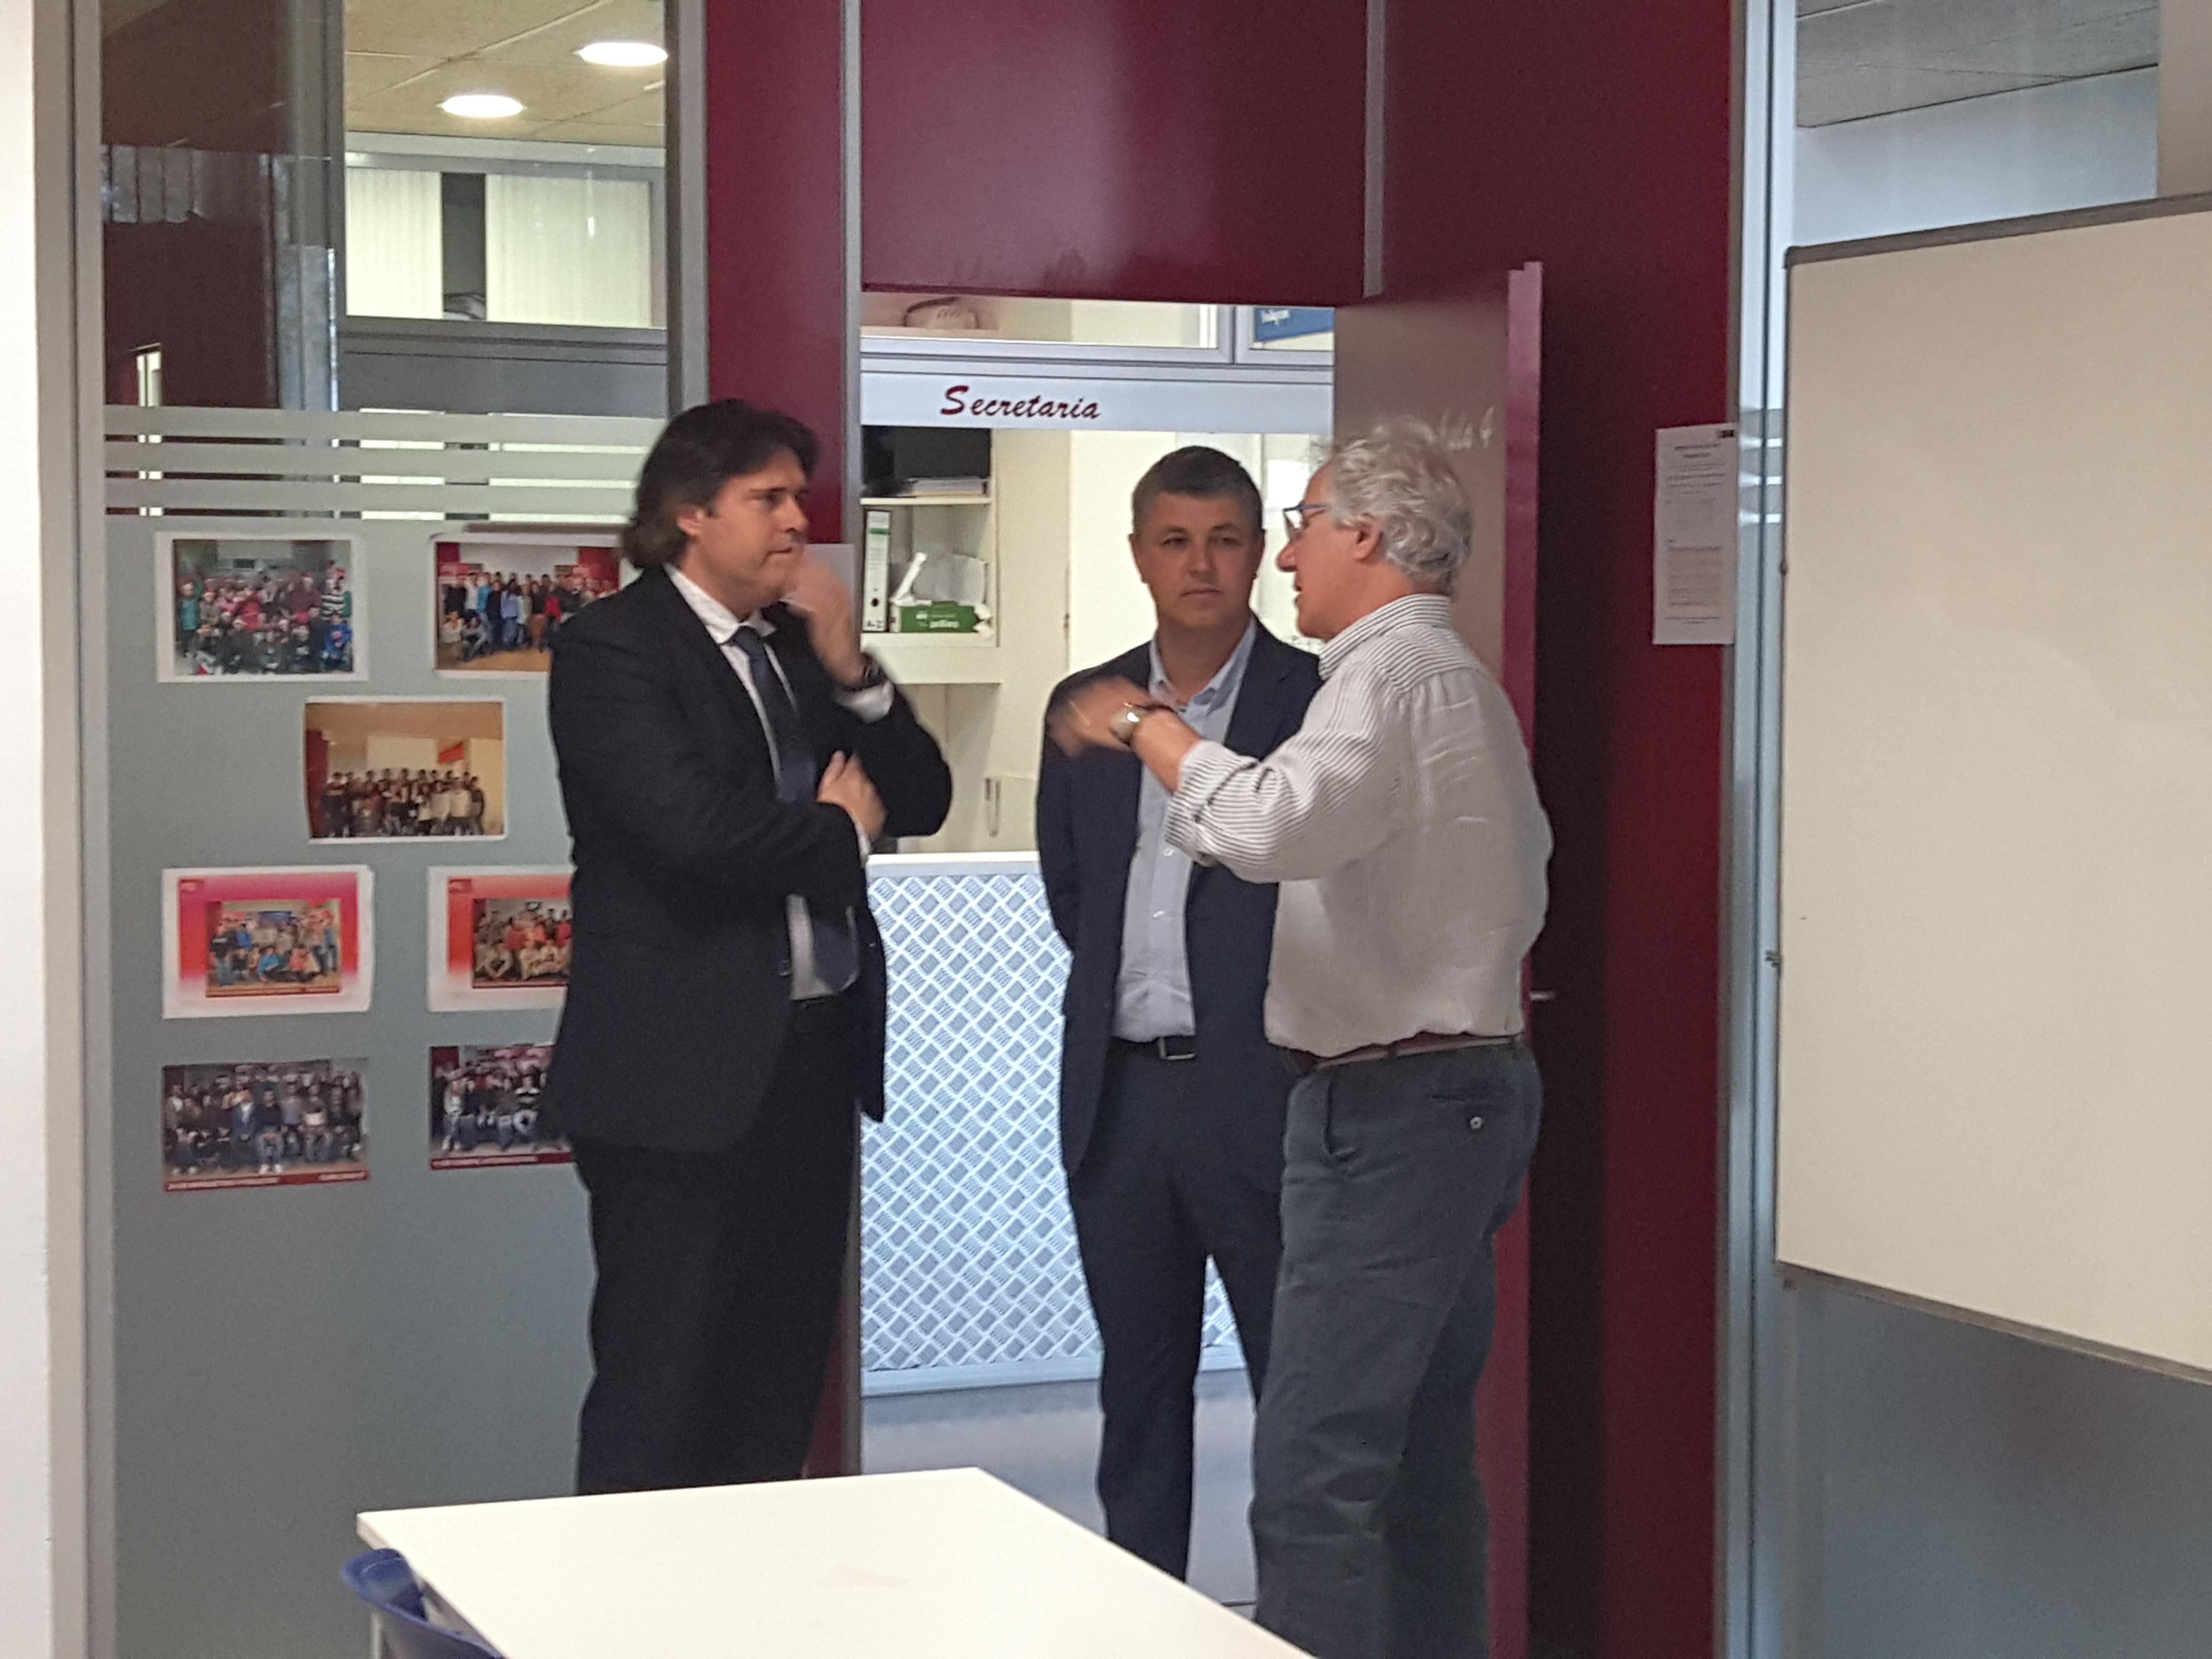 hem rebut la visita del president de la Diputació de Girona el senyor Pere Vila acompanyat del Diputat d'Esports